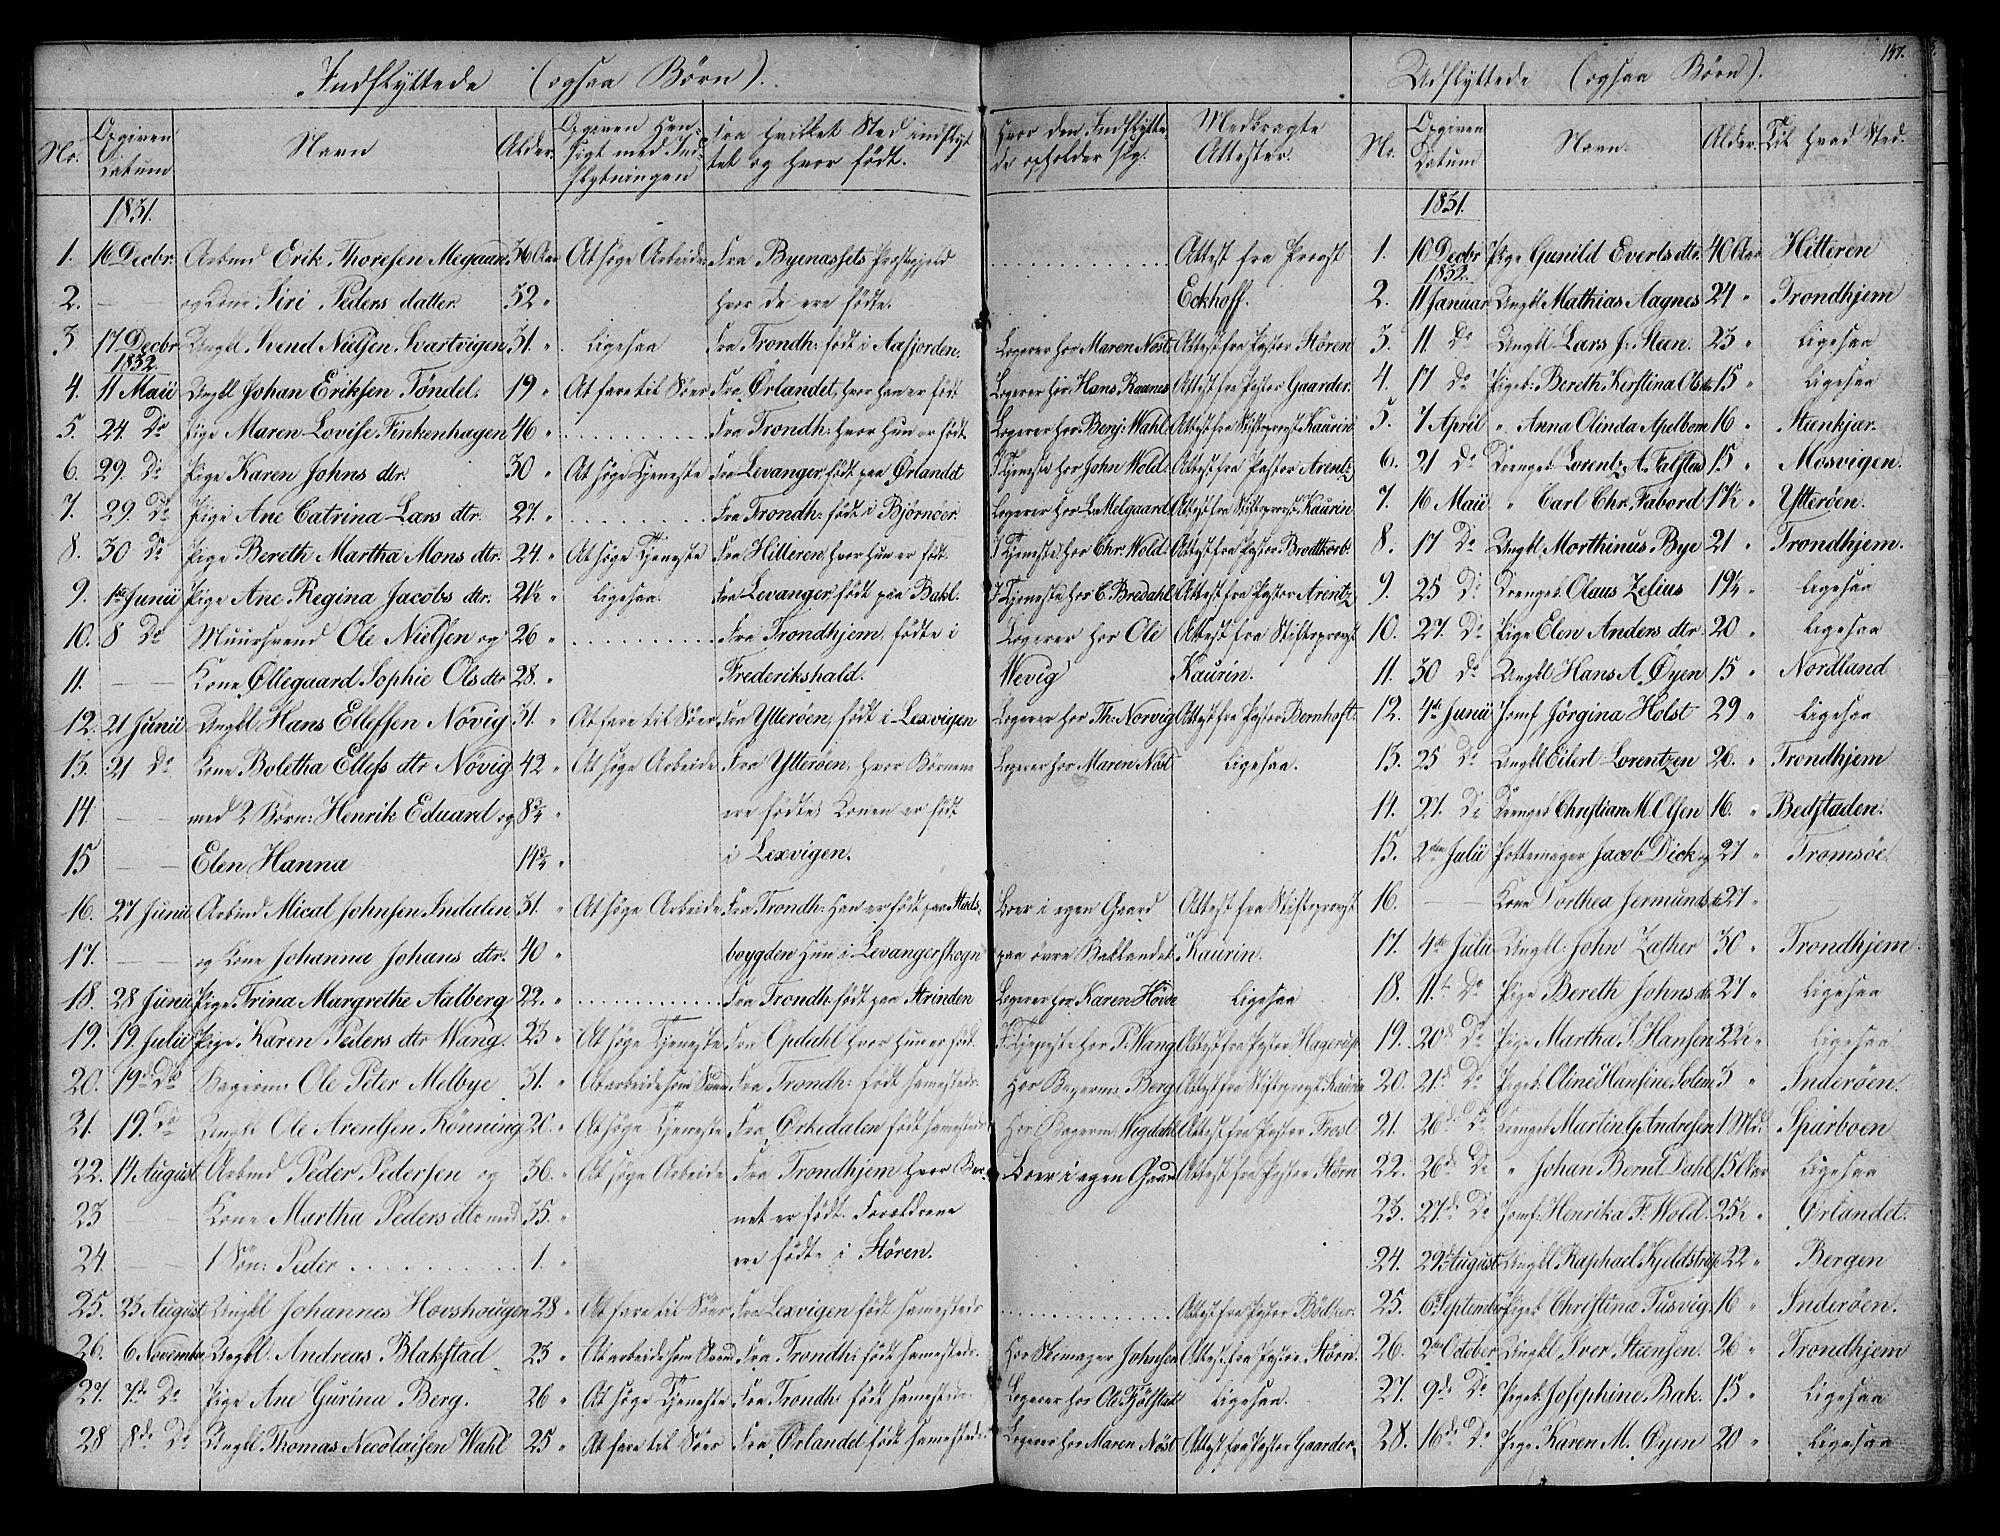 SAT, Ministerialprotokoller, klokkerbøker og fødselsregistre - Sør-Trøndelag, 604/L0182: Ministerialbok nr. 604A03, 1818-1850, s. 147